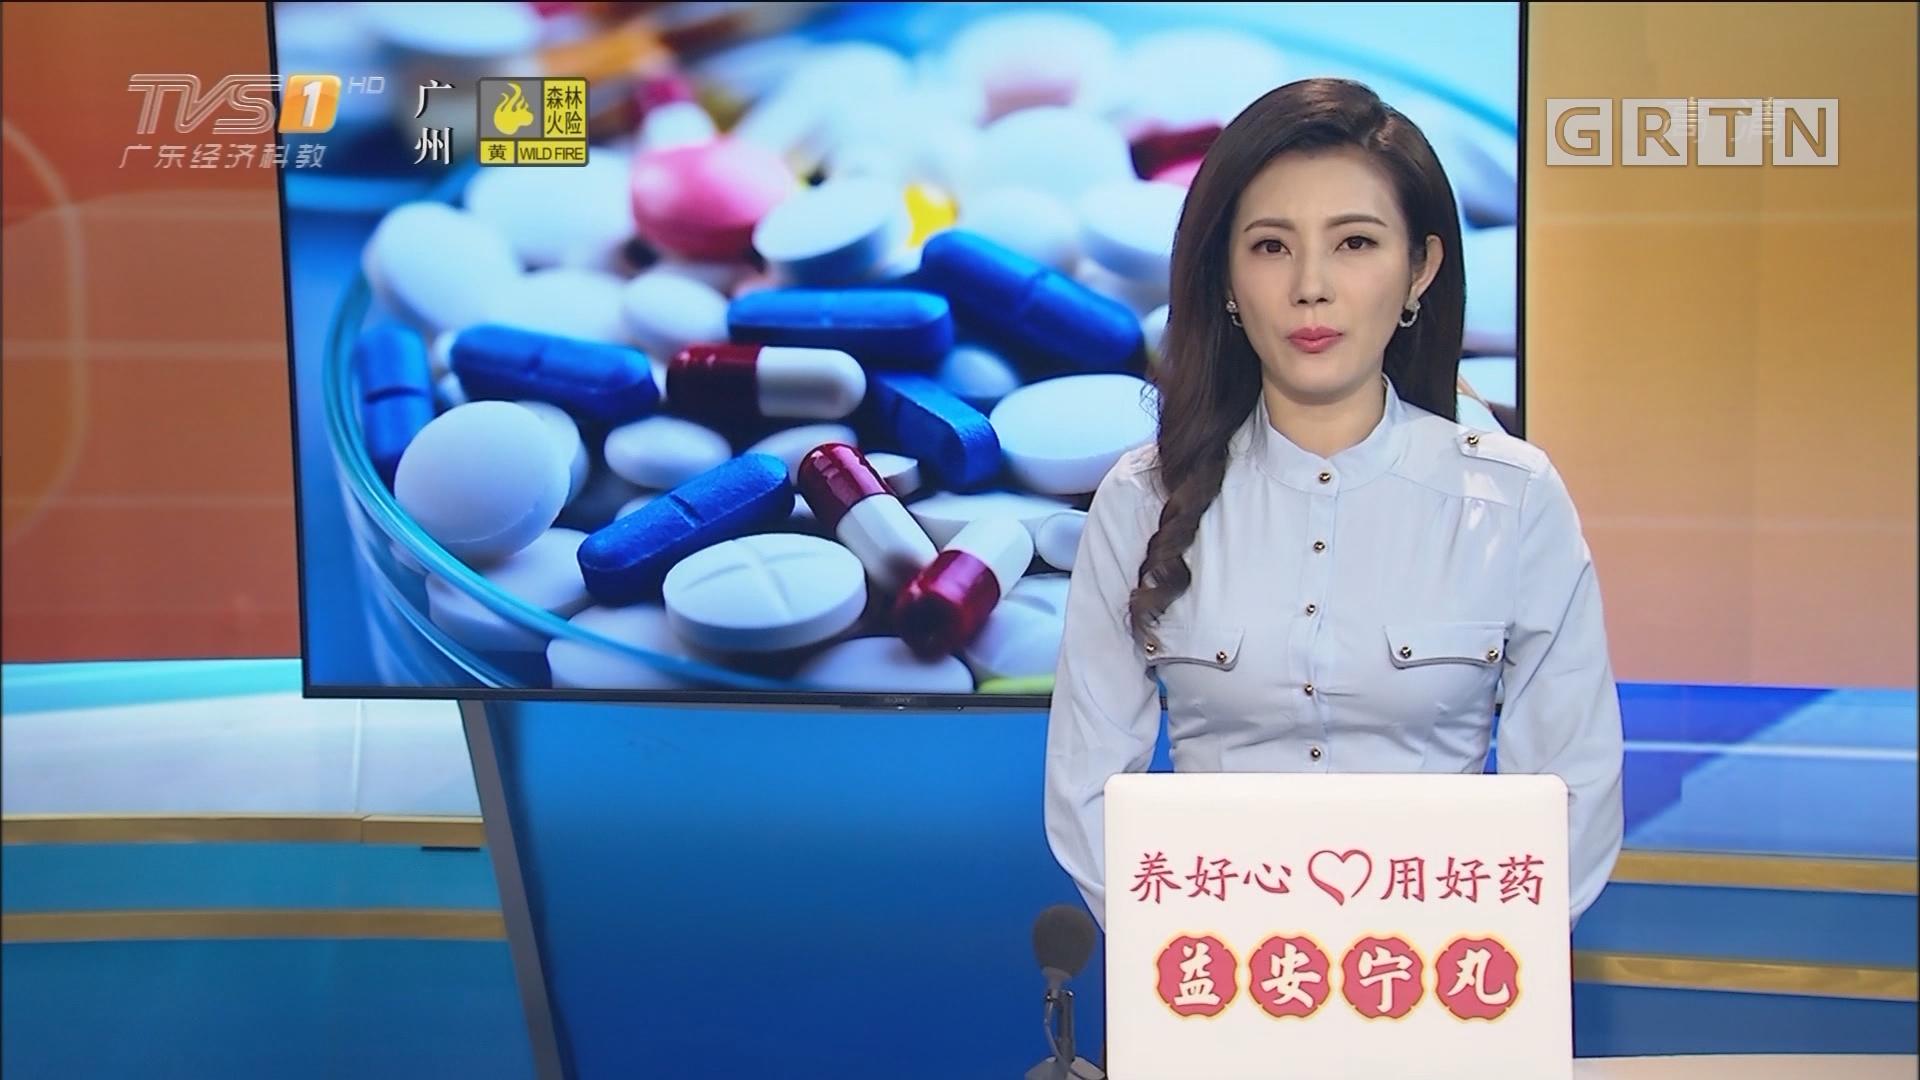 国家药品监督管理局注销85个药品批准文号